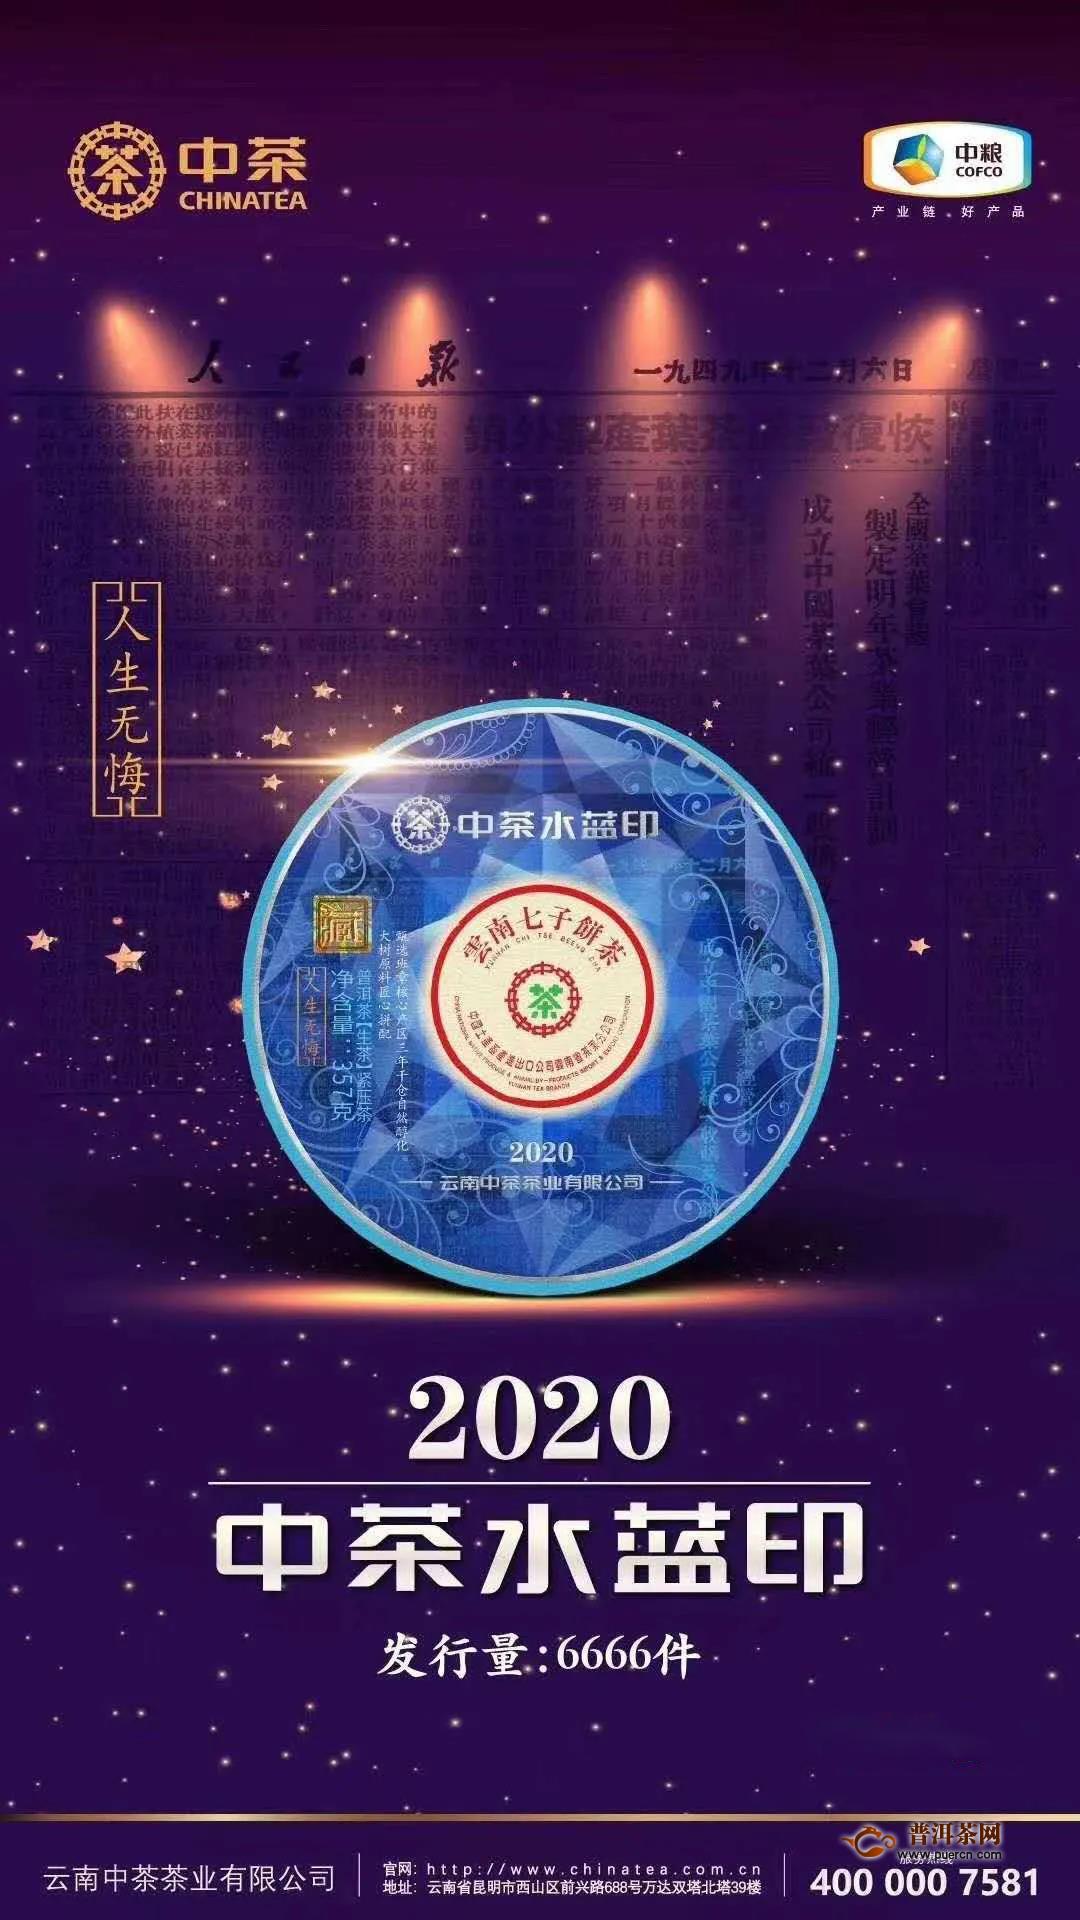 """聚光灯下的""""金融茶""""2020中茶宝石蓝班章水蓝印"""